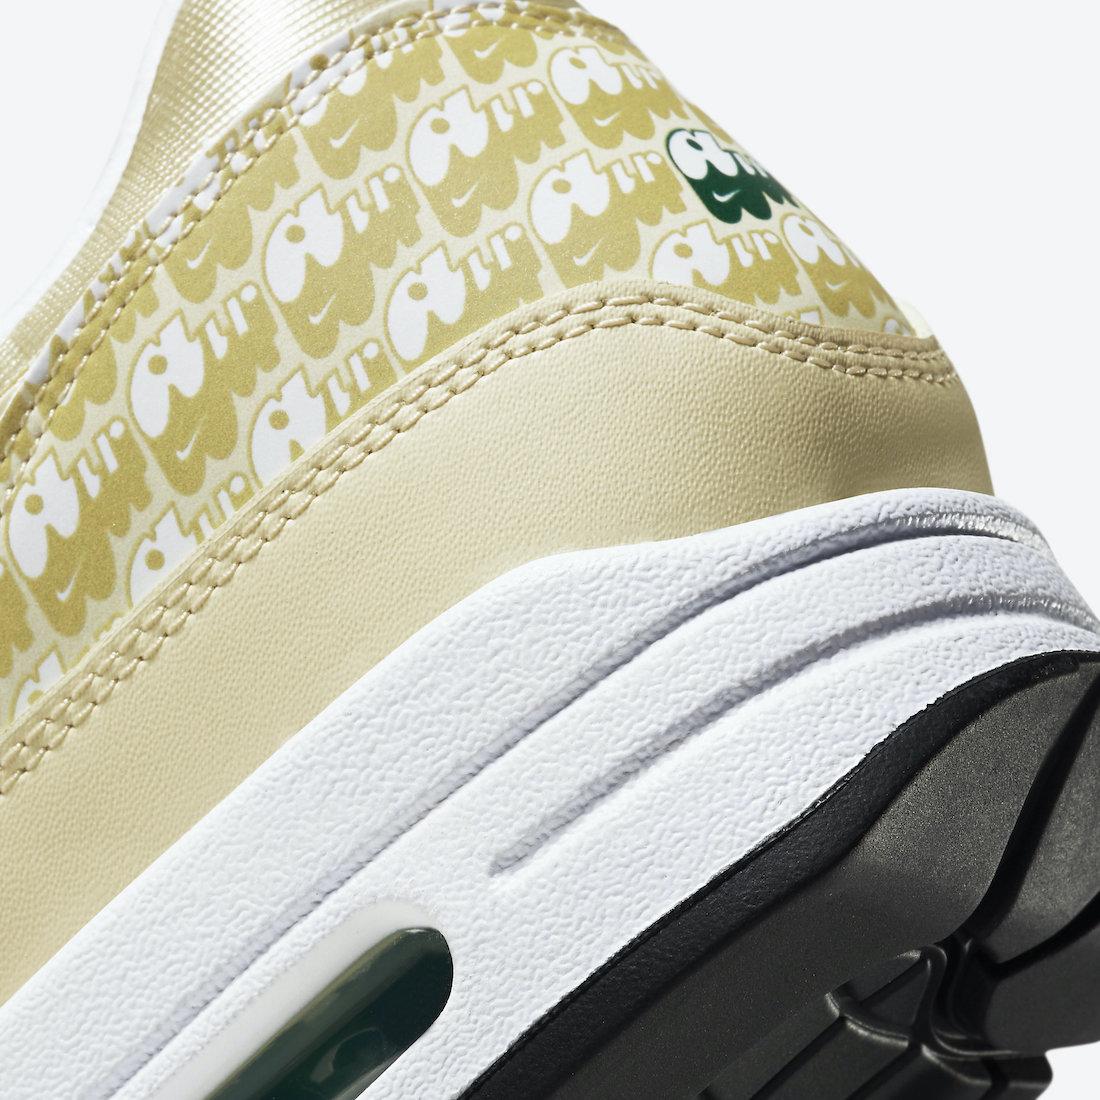 Nike-Air-Max-1-Lemonade-CJ0609-700-Release-Date-Price-7